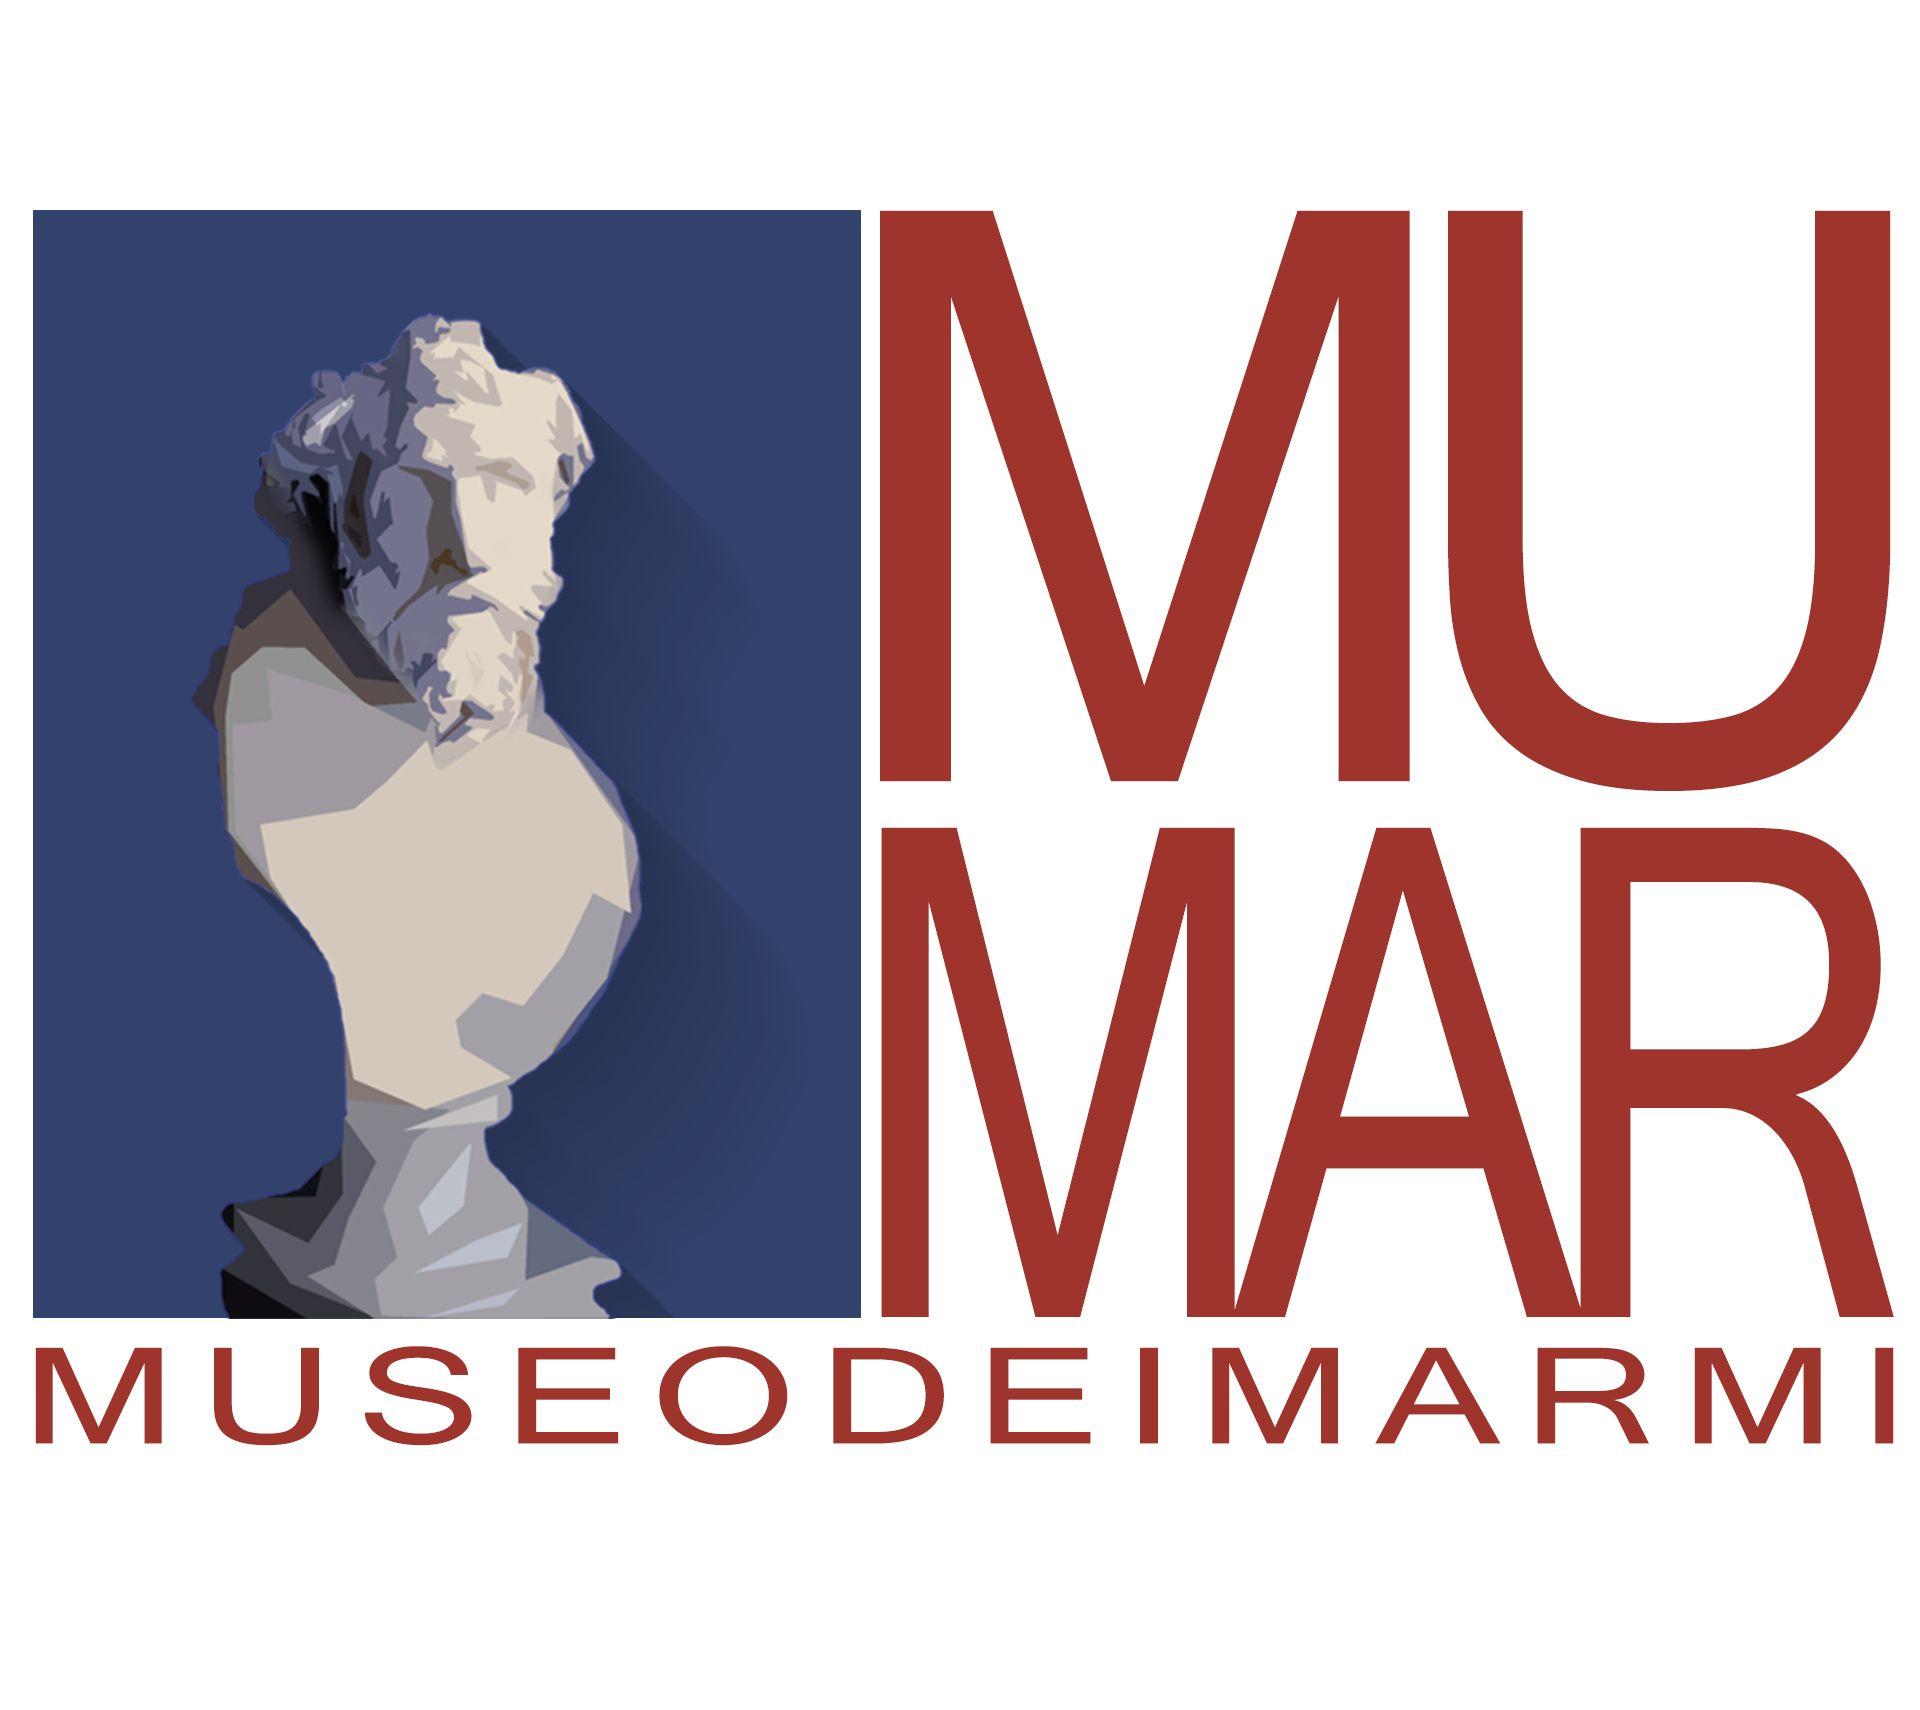 MUMAR Museo dei Marmi